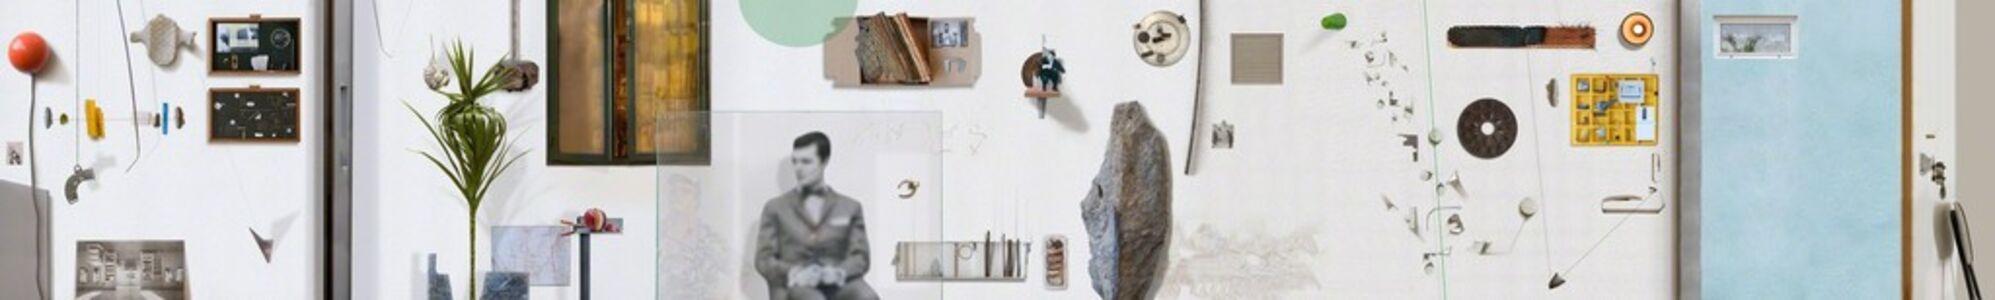 Ilit Azoulay, 'Room #8', 2011